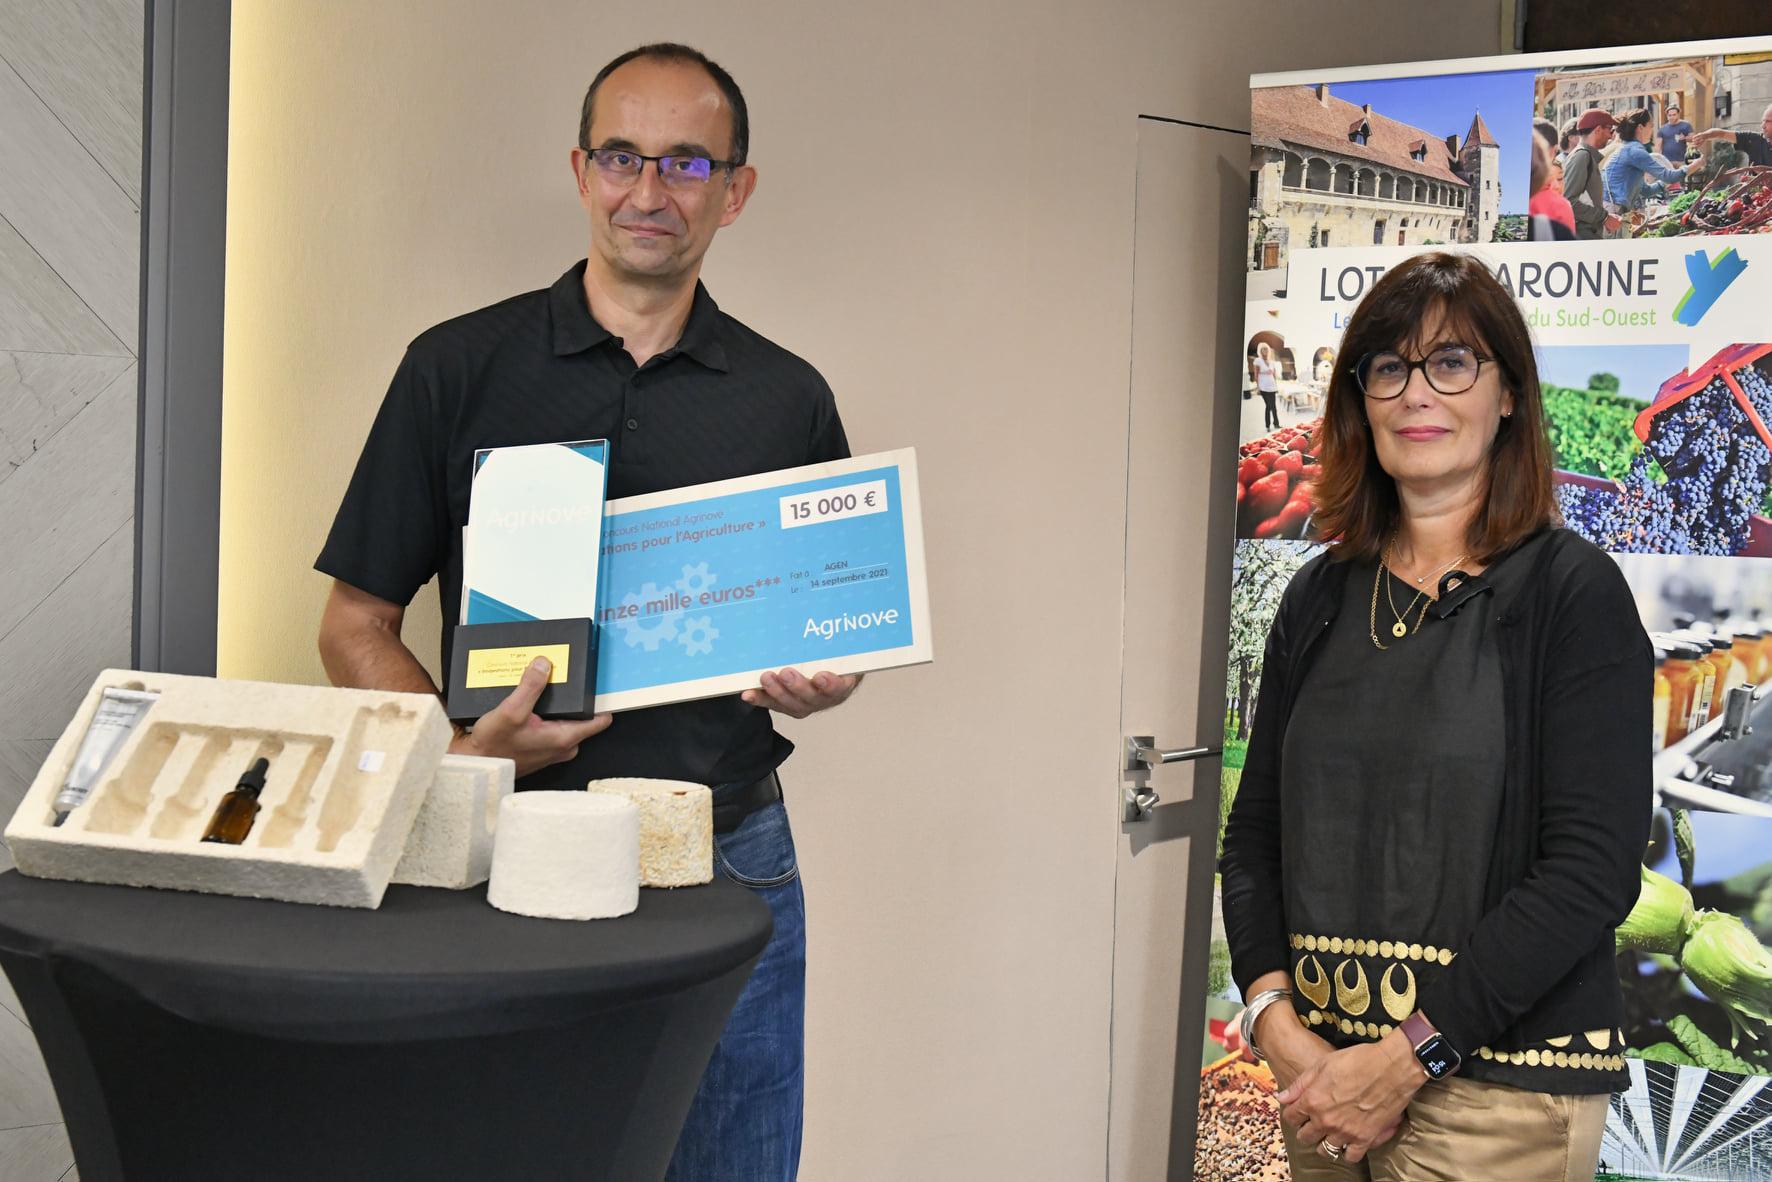 remise du 1er prix à Rémi LAURANT par Sophie Borderie, Présidente du Conseil départemental de Lot-et-Garonne